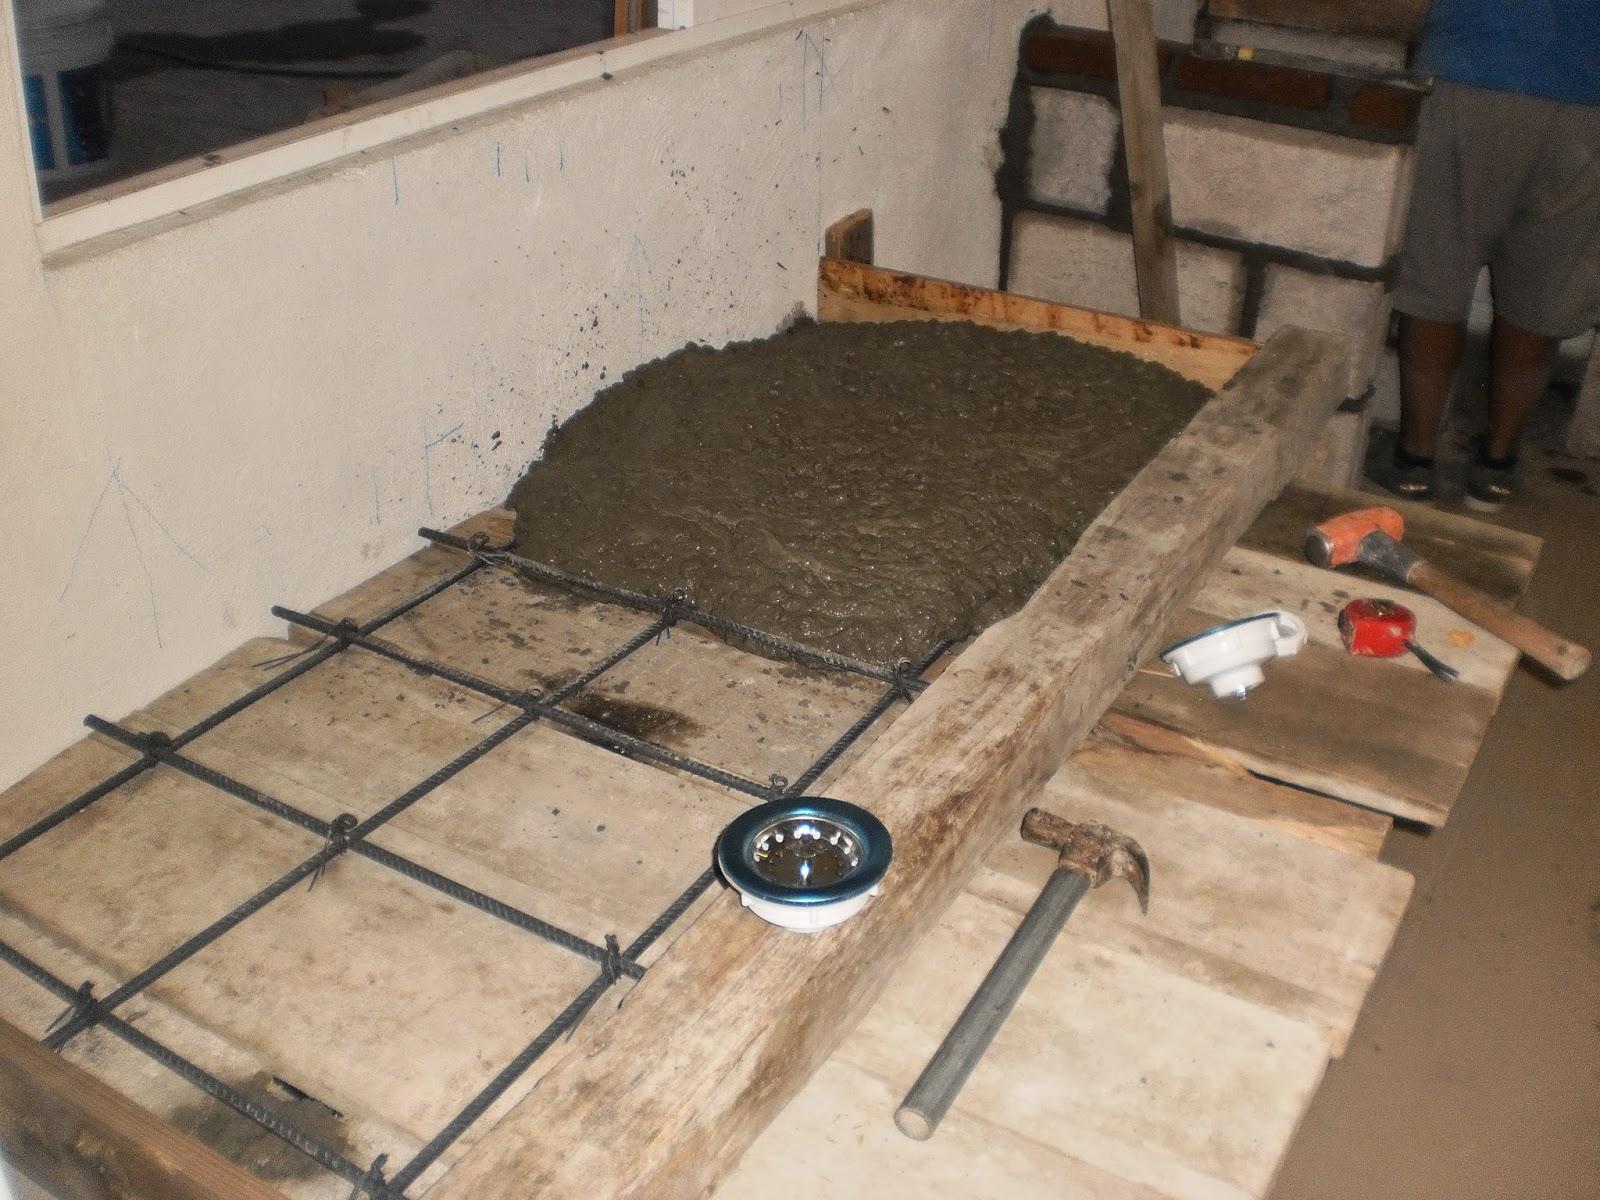 Instalaciones profesionales reyes estrada enero 2015 for Barras de cocina de concreto